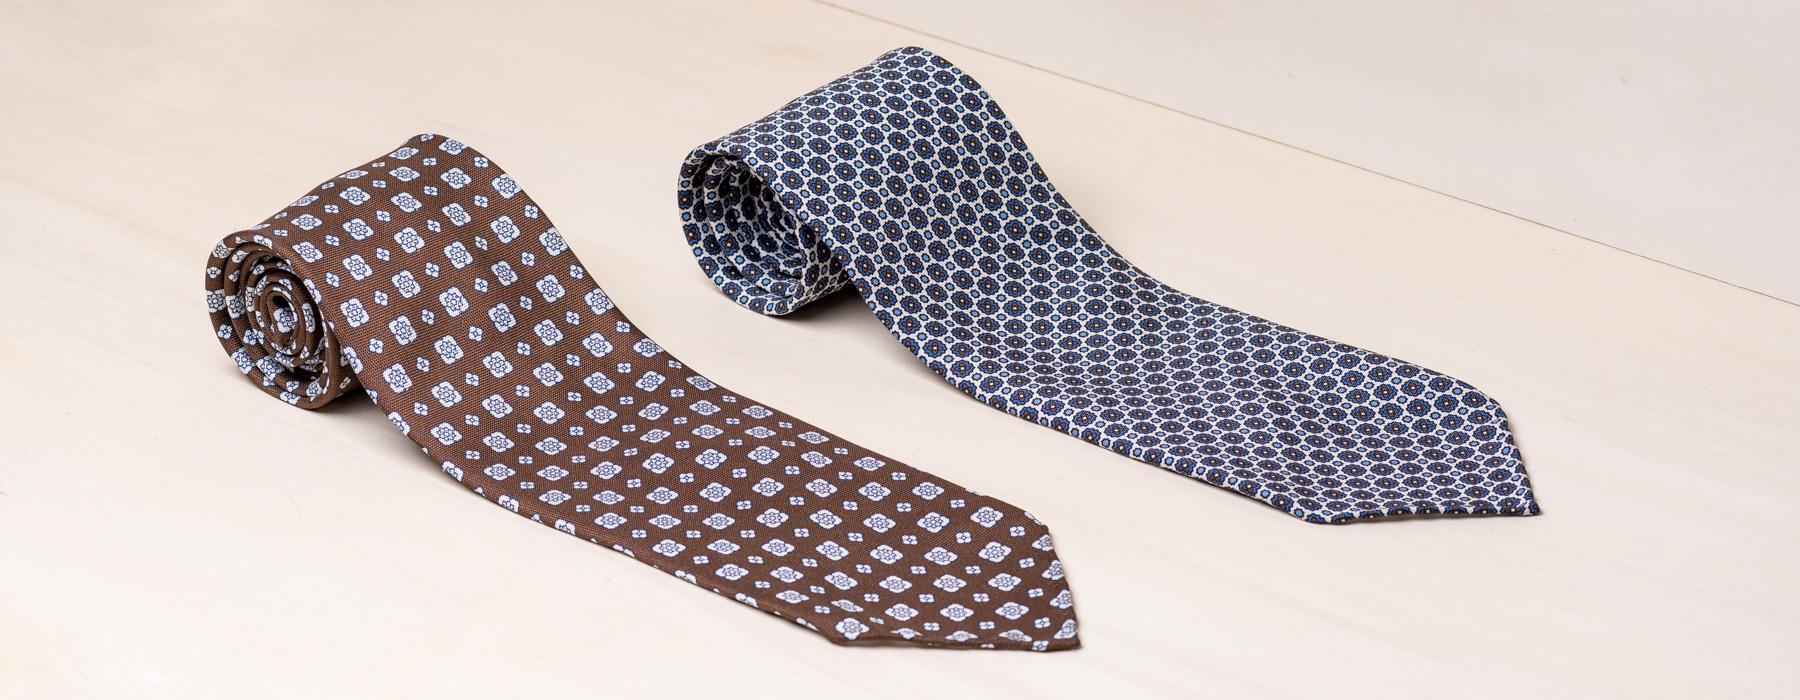 Handgefertigte Krawatten